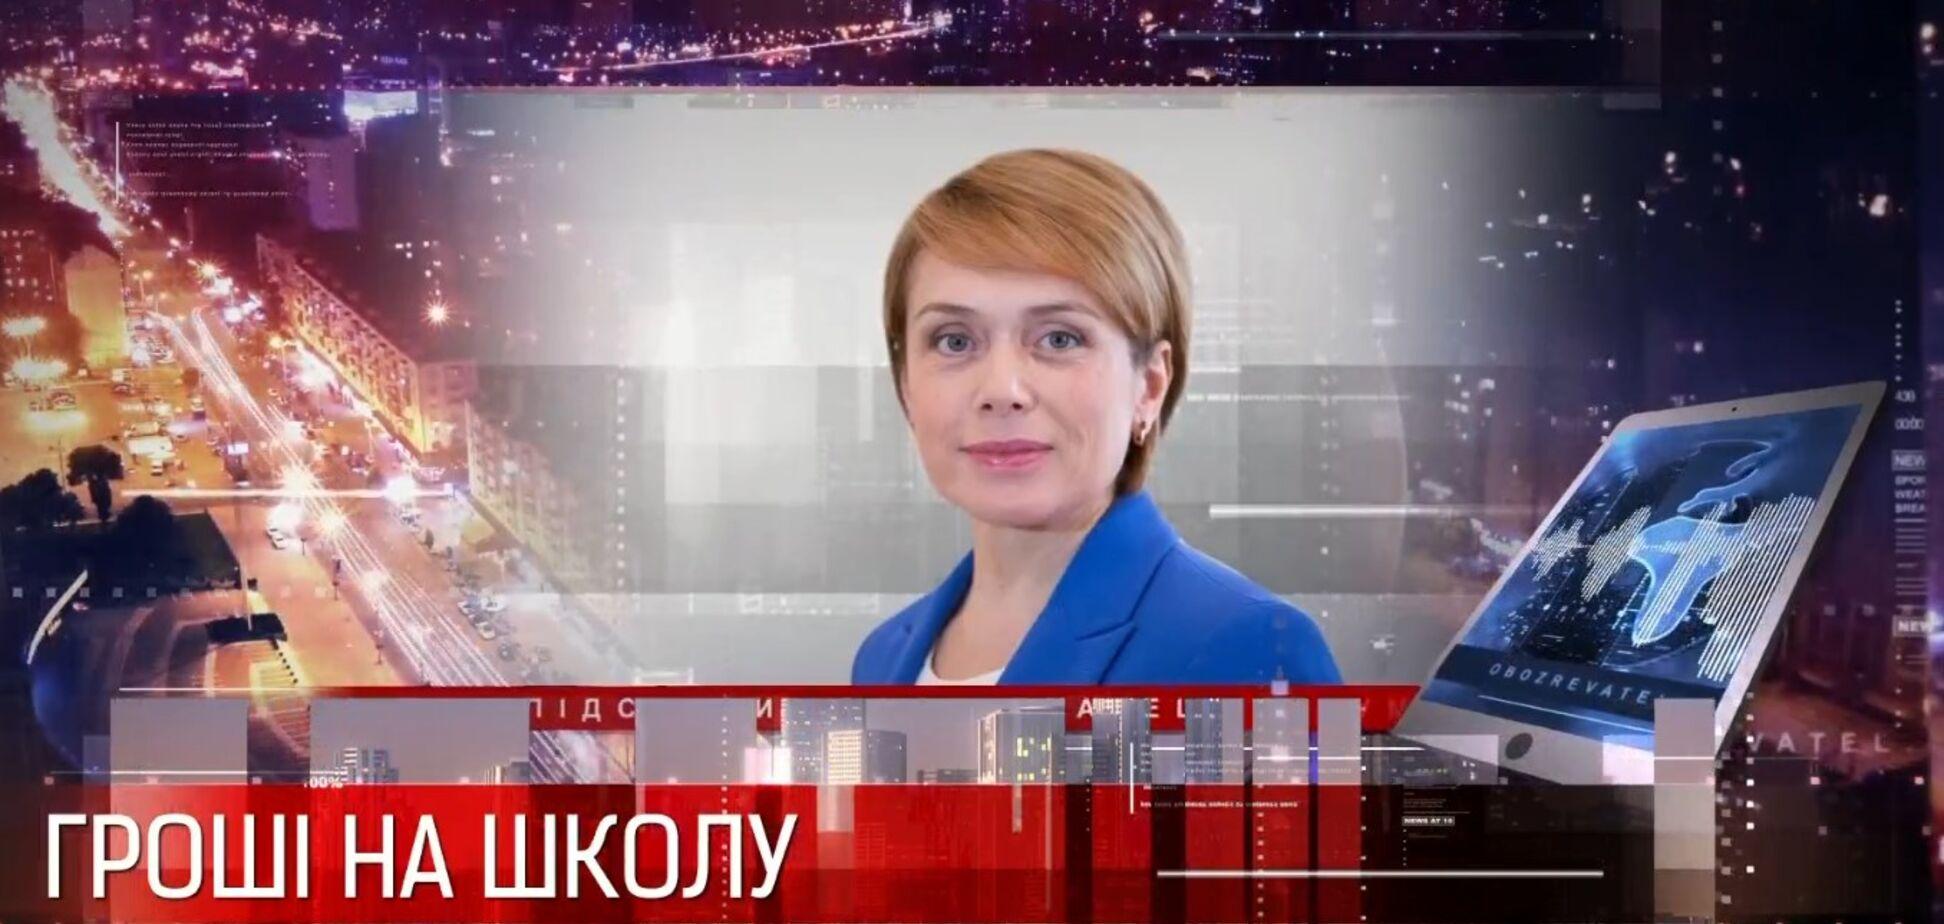 Зарплаты учителям: Гриневич рассказала, куда пойдут 2,2 млрд грн от Кабмина